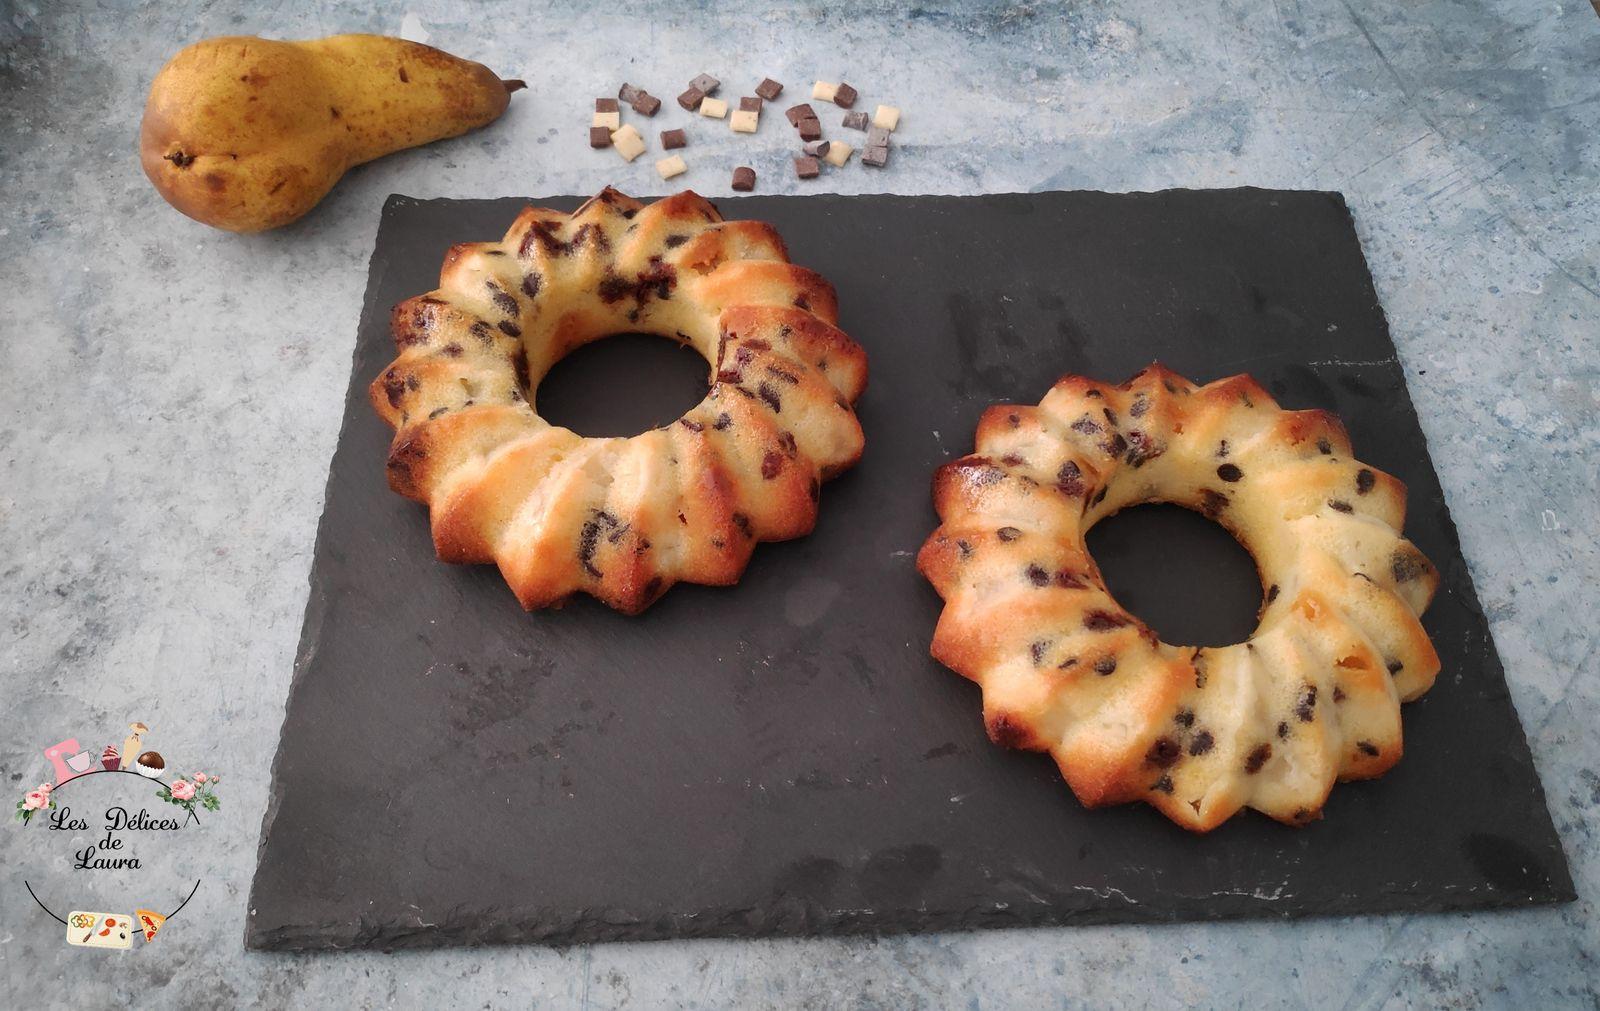 Gâteaux aux poires et chocolat